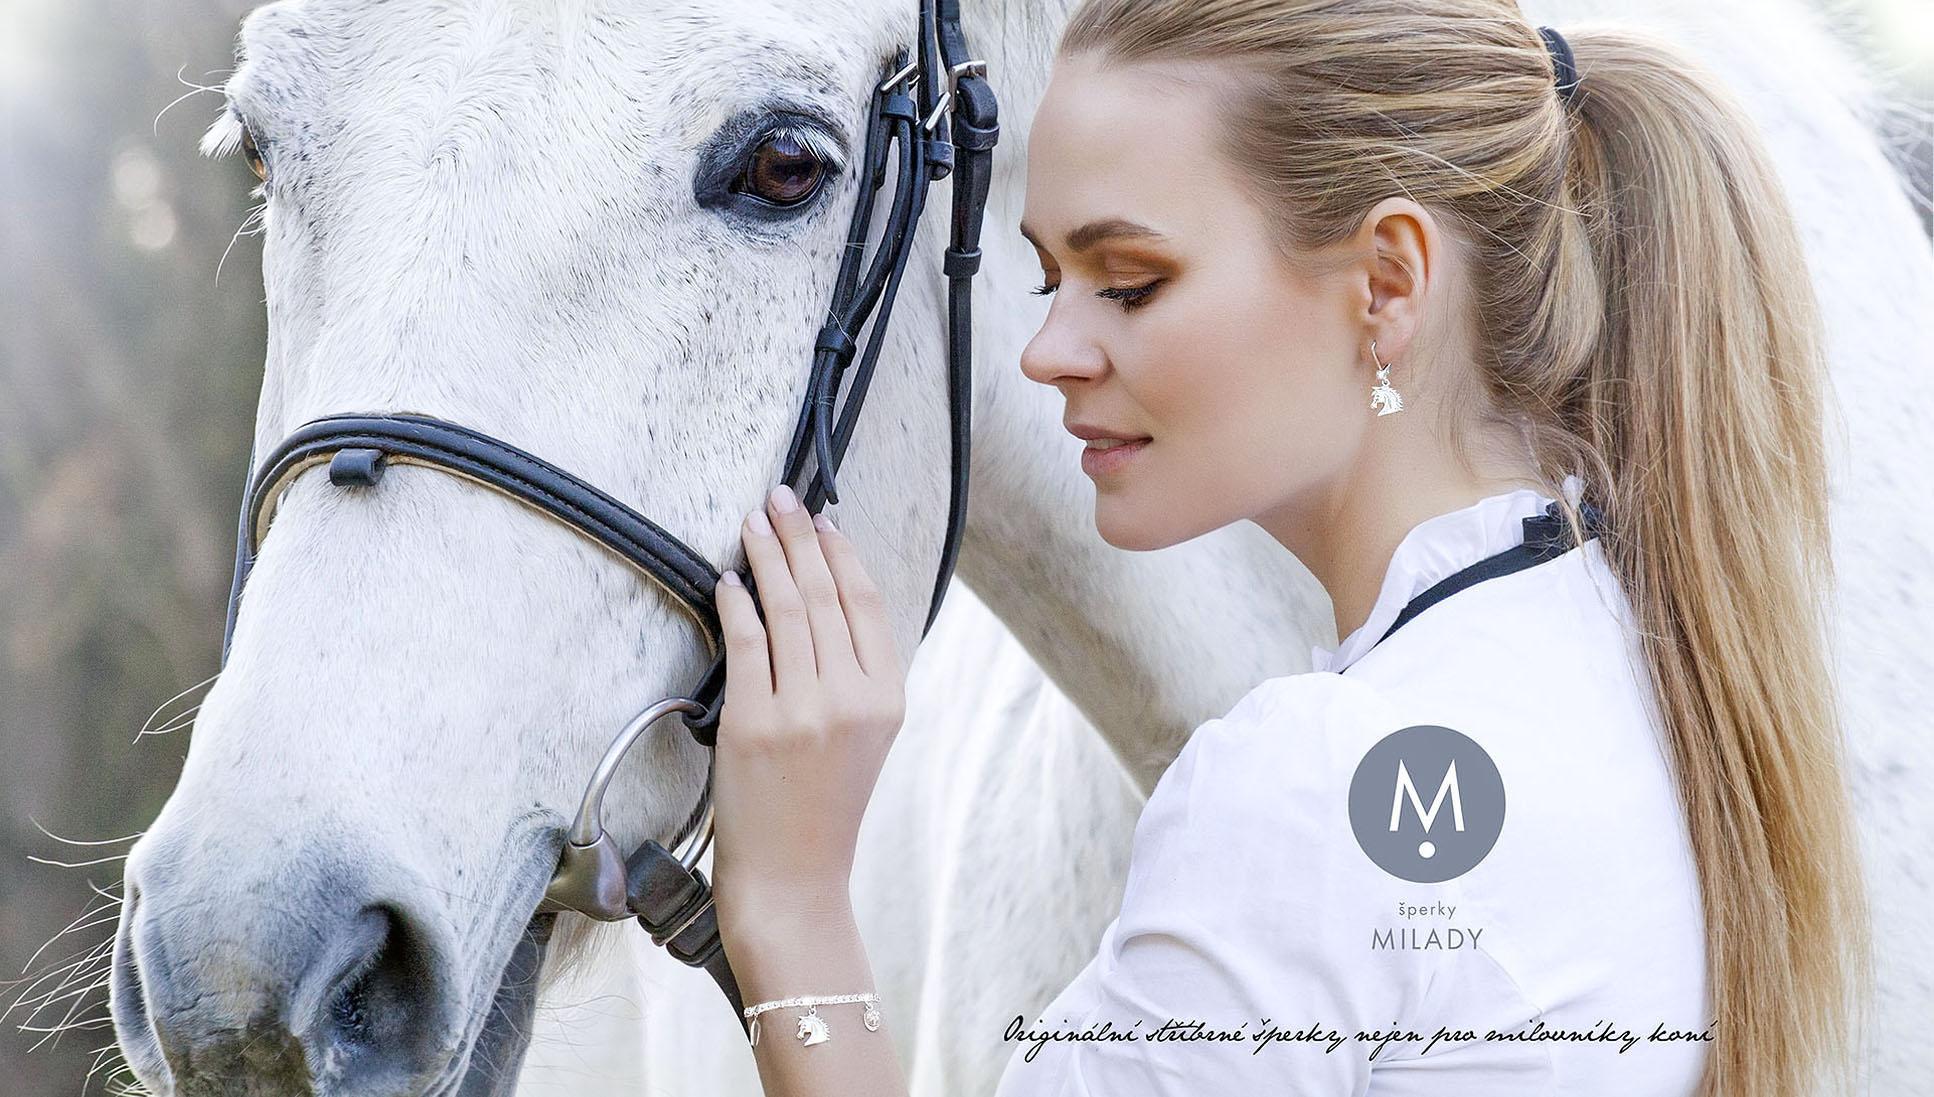 MILADY šperky, stříbrné šperky nejen pro milovníky koní